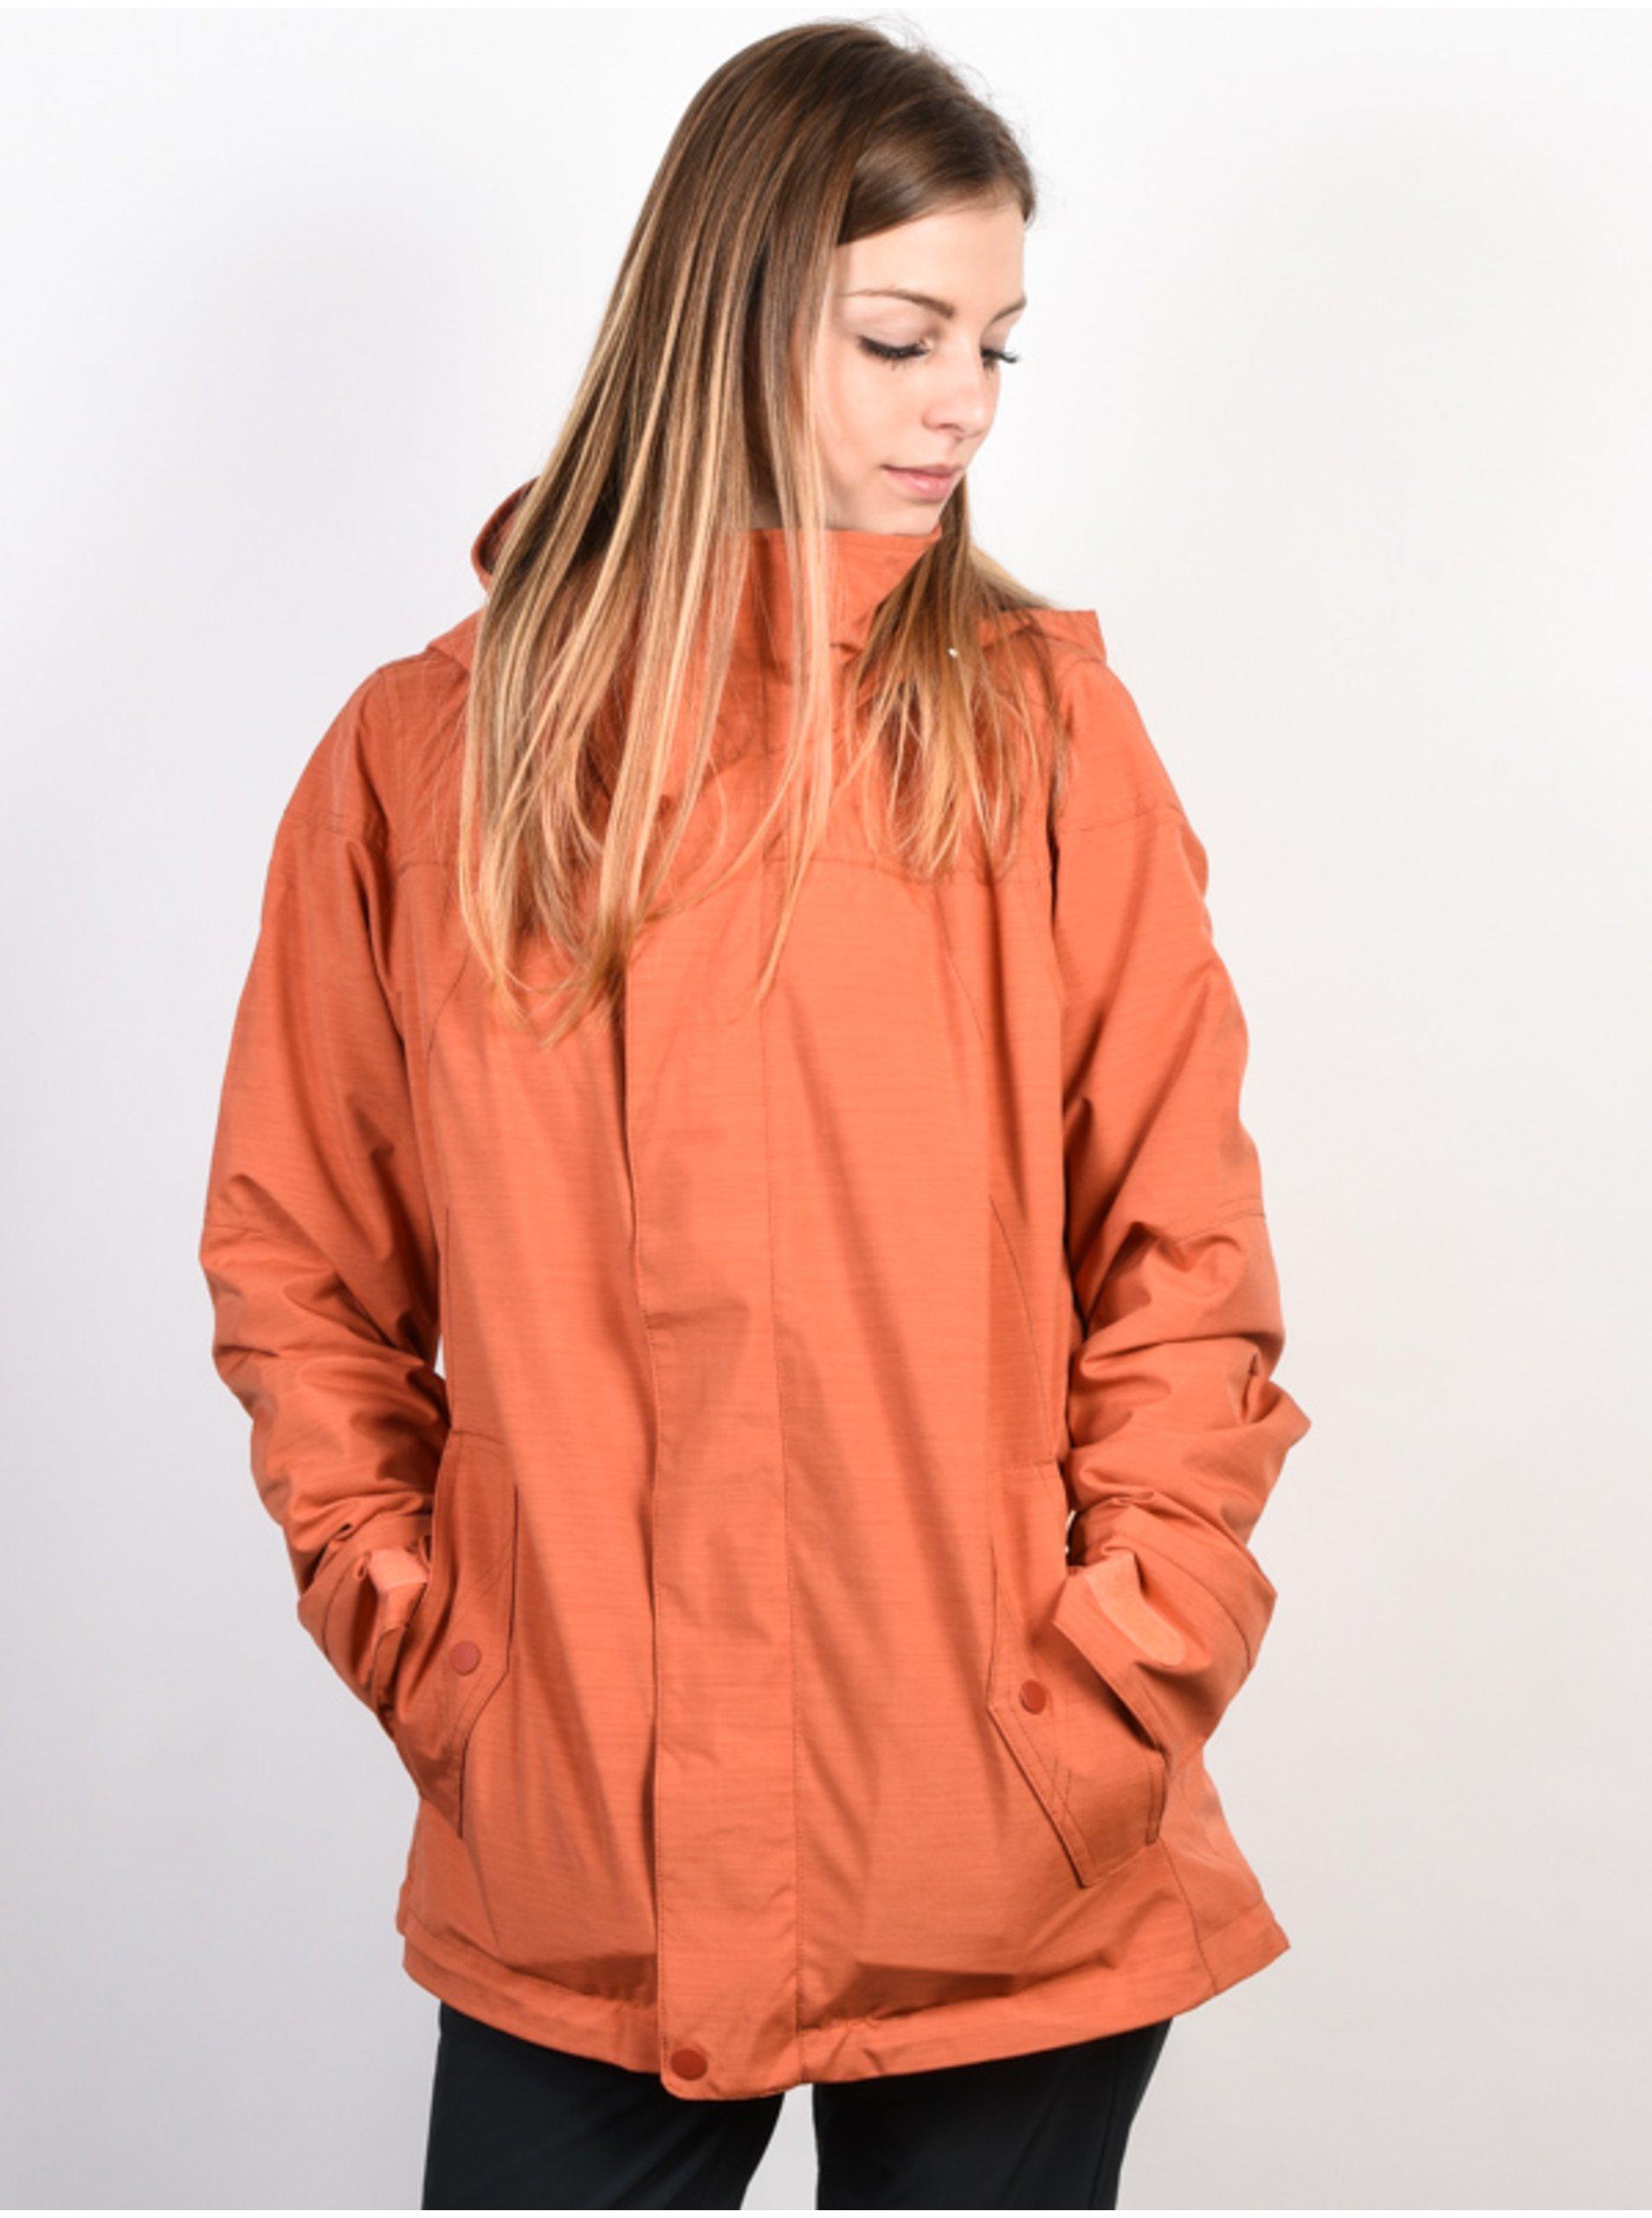 E-shop Burton WB JET SET PERSIMMON zimní dámská bunda - červená